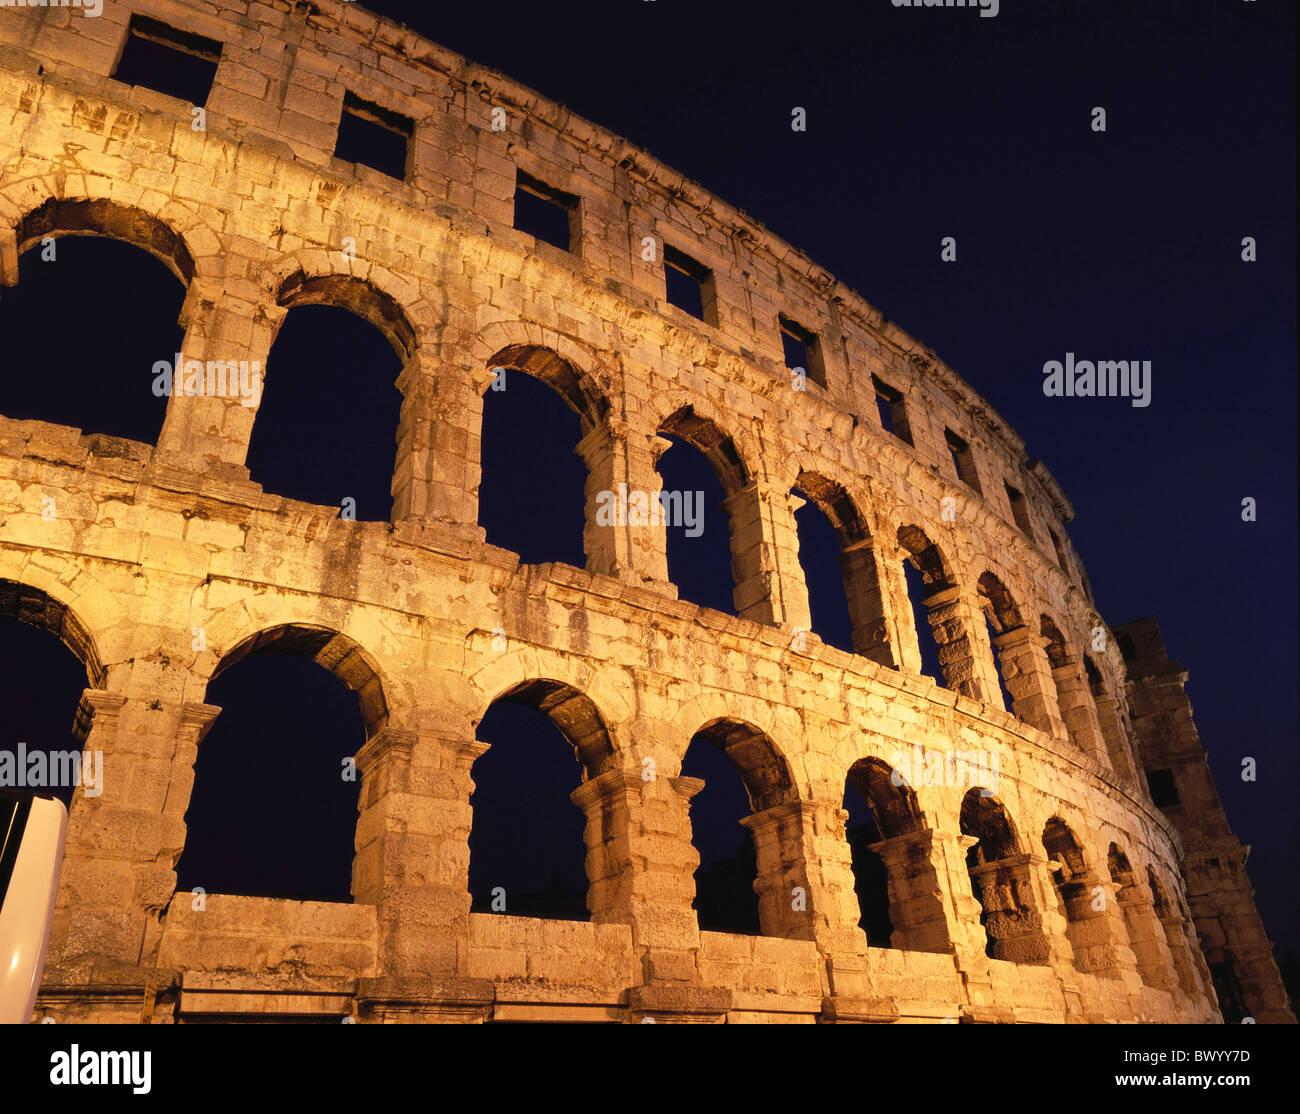 Monde Antique amphithéâtre antique arcades détail Istrie Croatie historique façade de nuit nuit Photo Stock